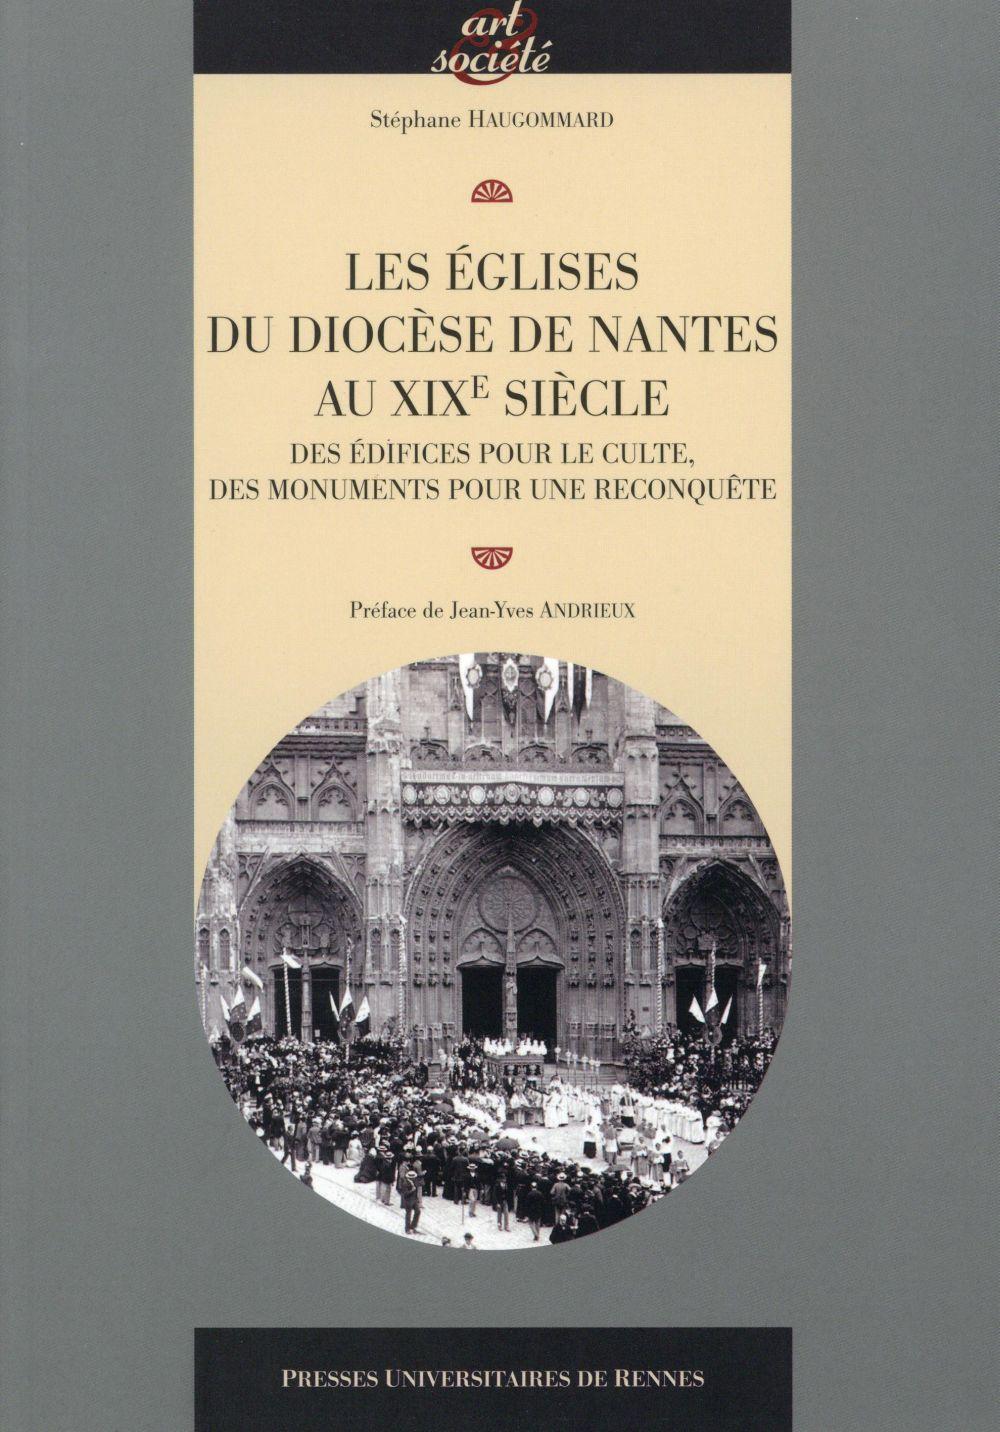 EGLISES DU DIOCESE DE NANTES AU XIXE SIECLE